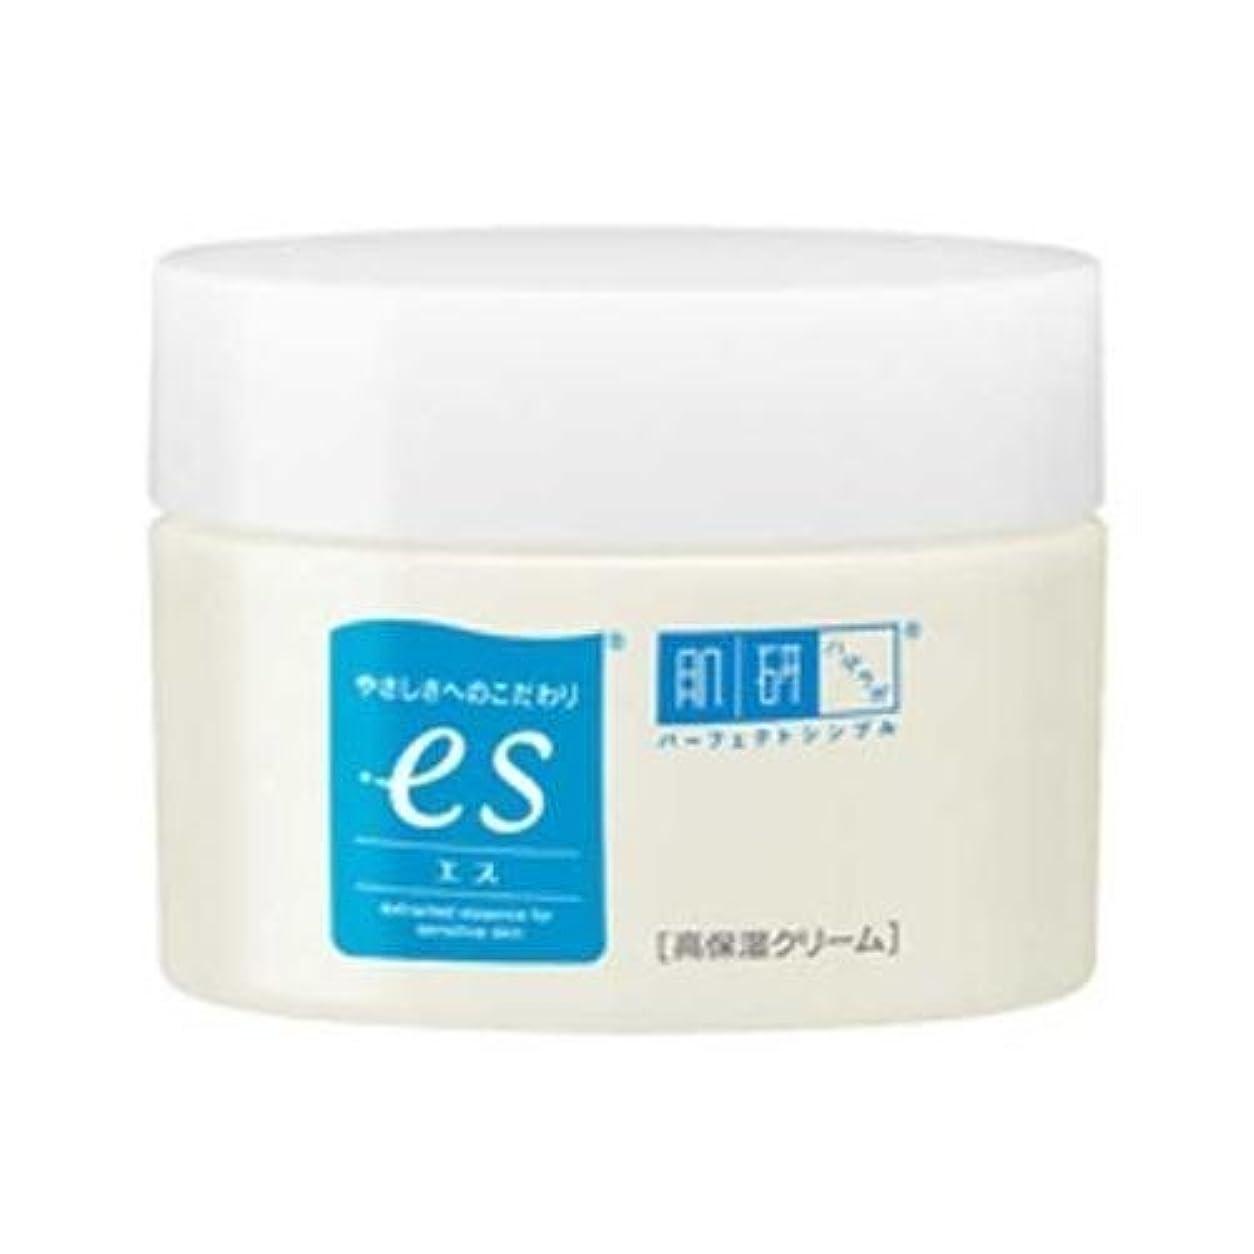 スクリーチ散らす確認してください肌ラボ es(エス) ナノ化ミネラルヒアルロン酸配合 無添加処方 高保湿クリーム 50g